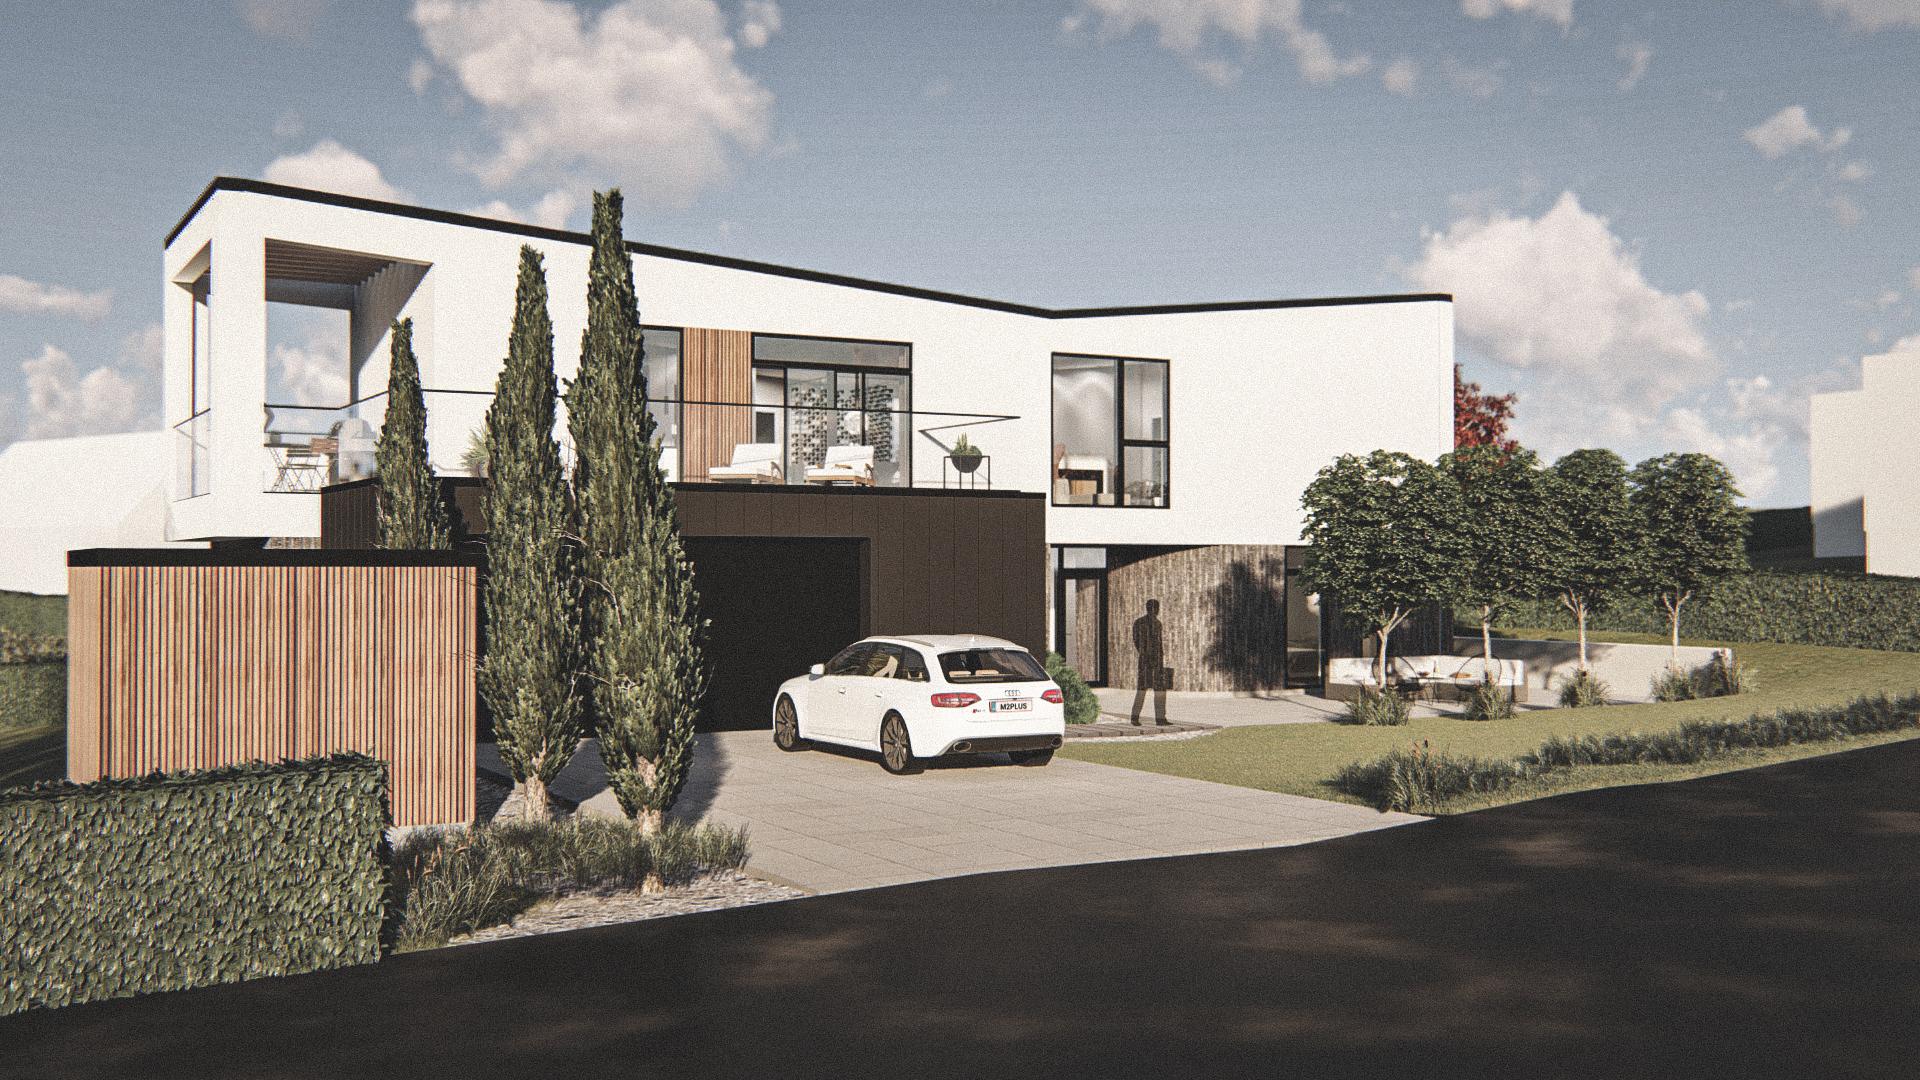 Billede af Dansk arkitekttegnet 2 plan villa af arkitektfirmaet m2plus, i Støvring på 272 kvartratmeter.